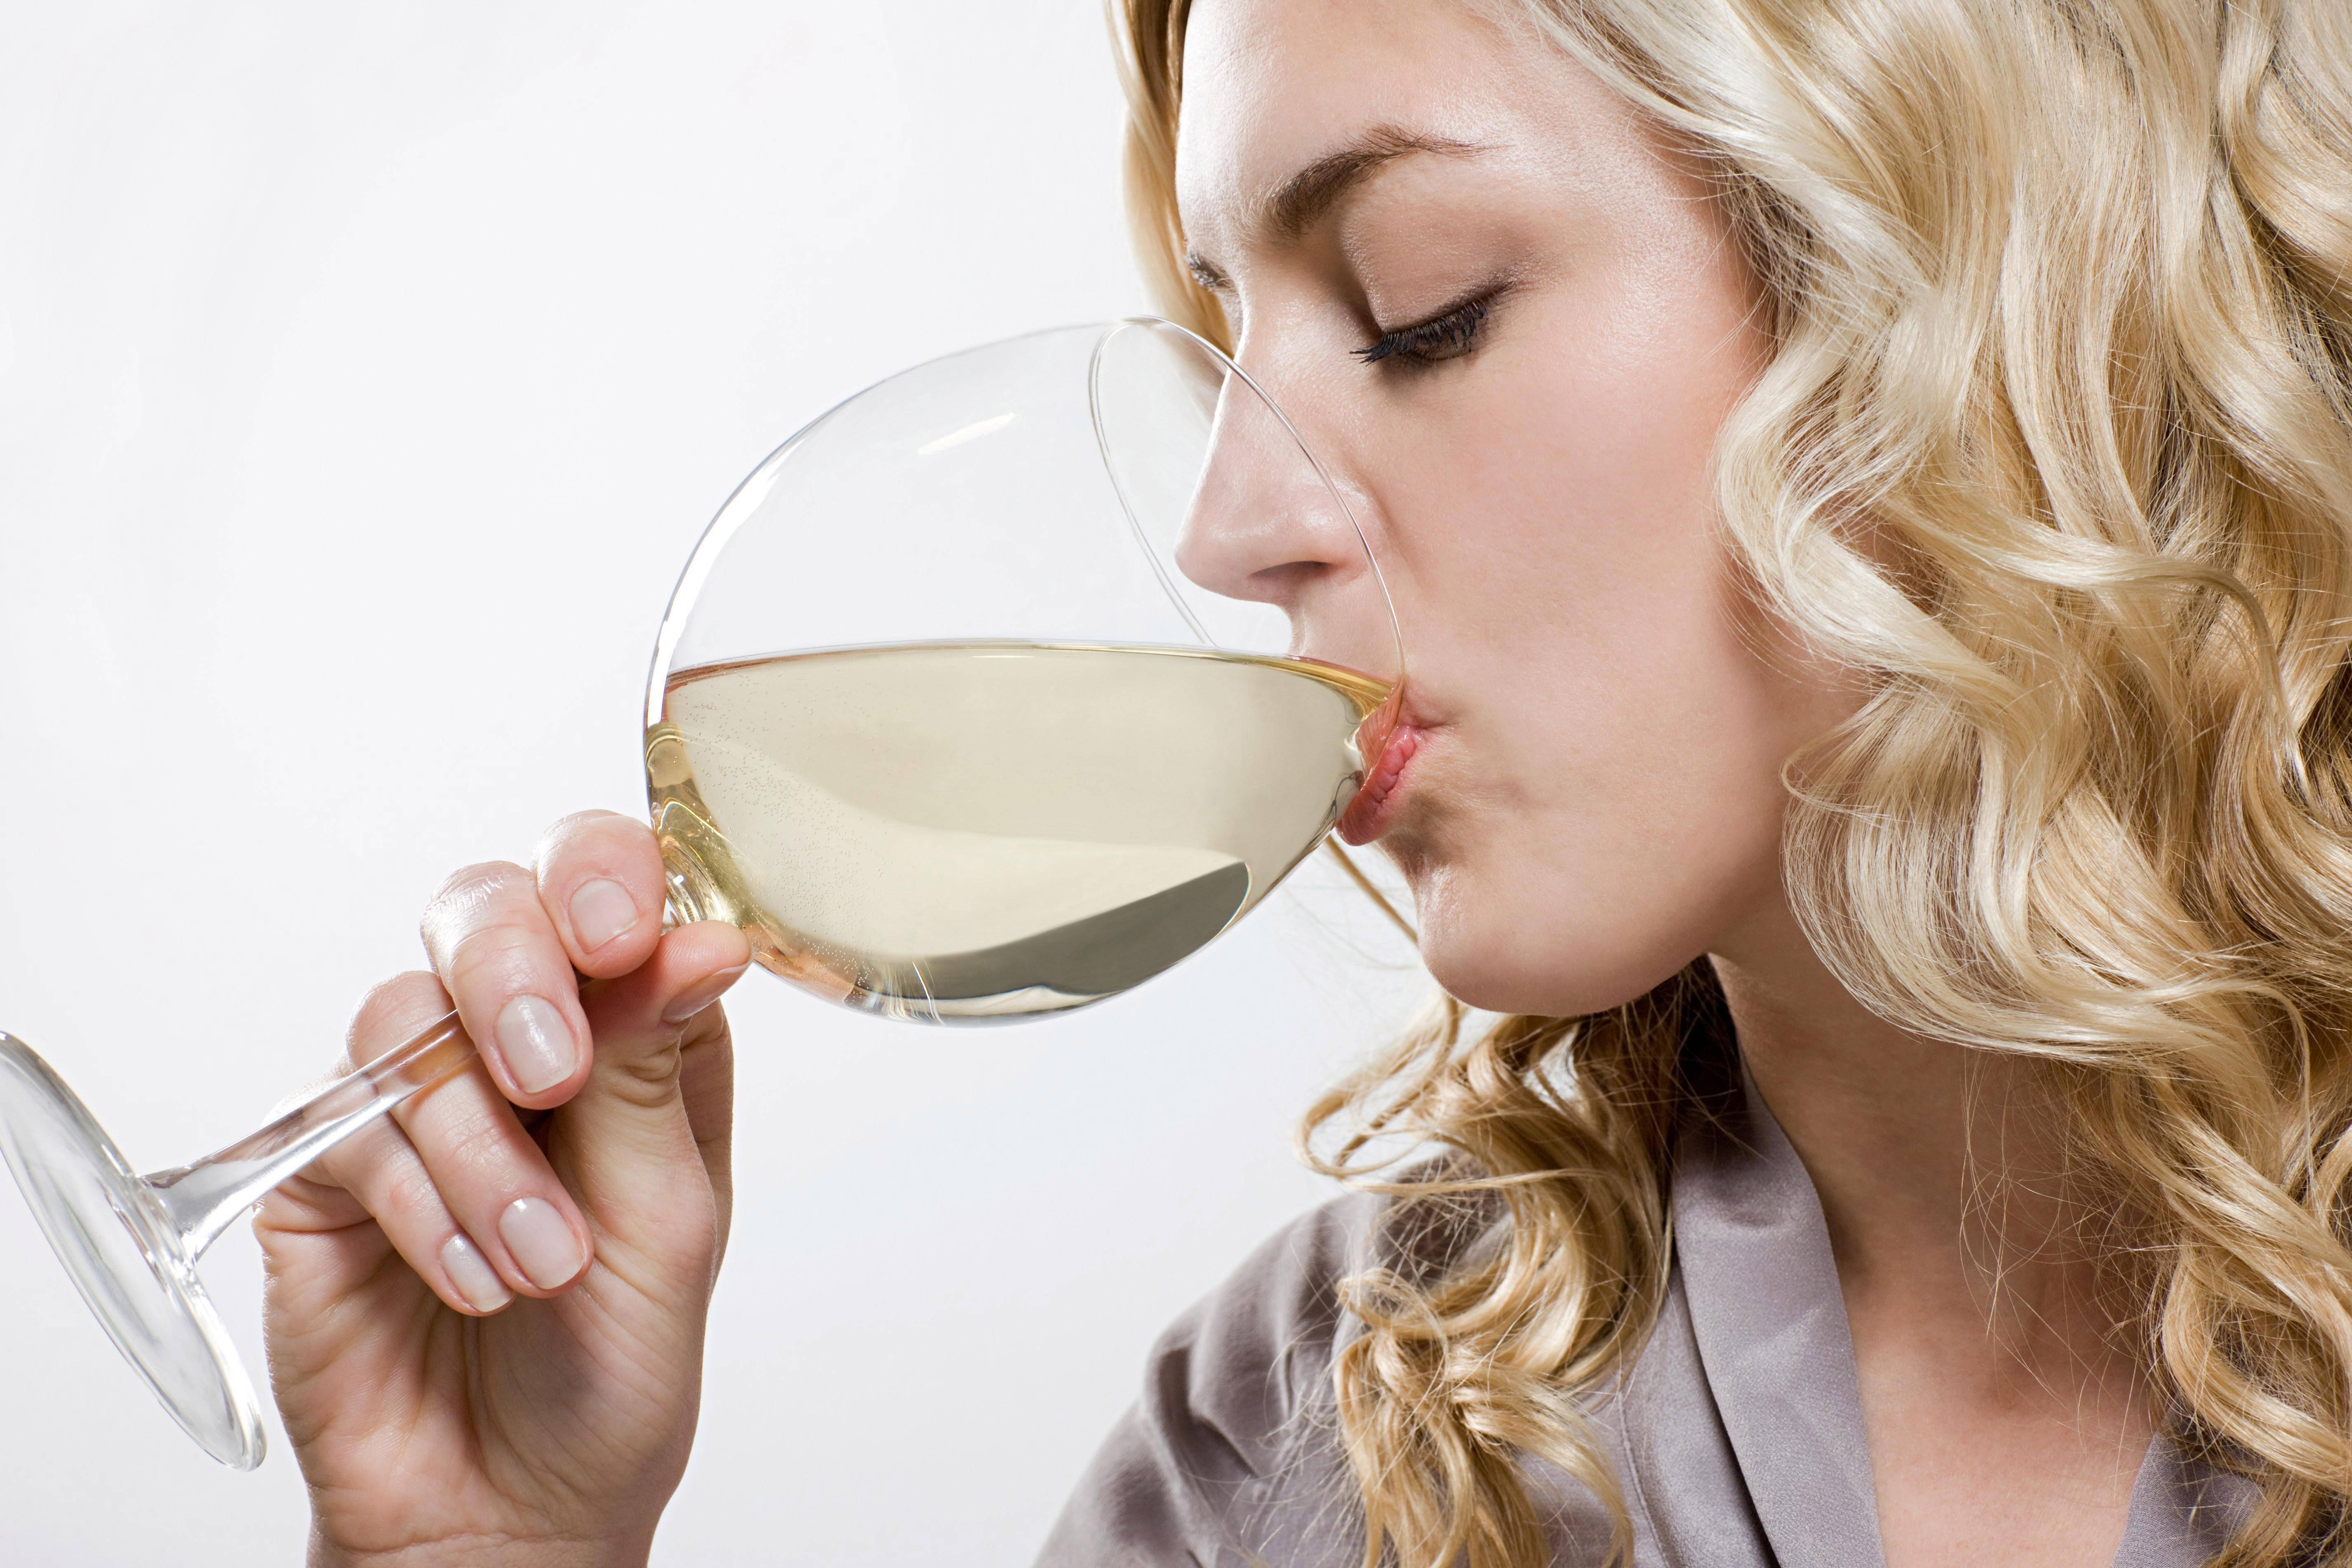 Белое вино при грудном вскармливании: можно ли выпить бокал сухого в период лактации, как это отразится на здоровье малыша, а также отзывы и советы   suhoy.guru